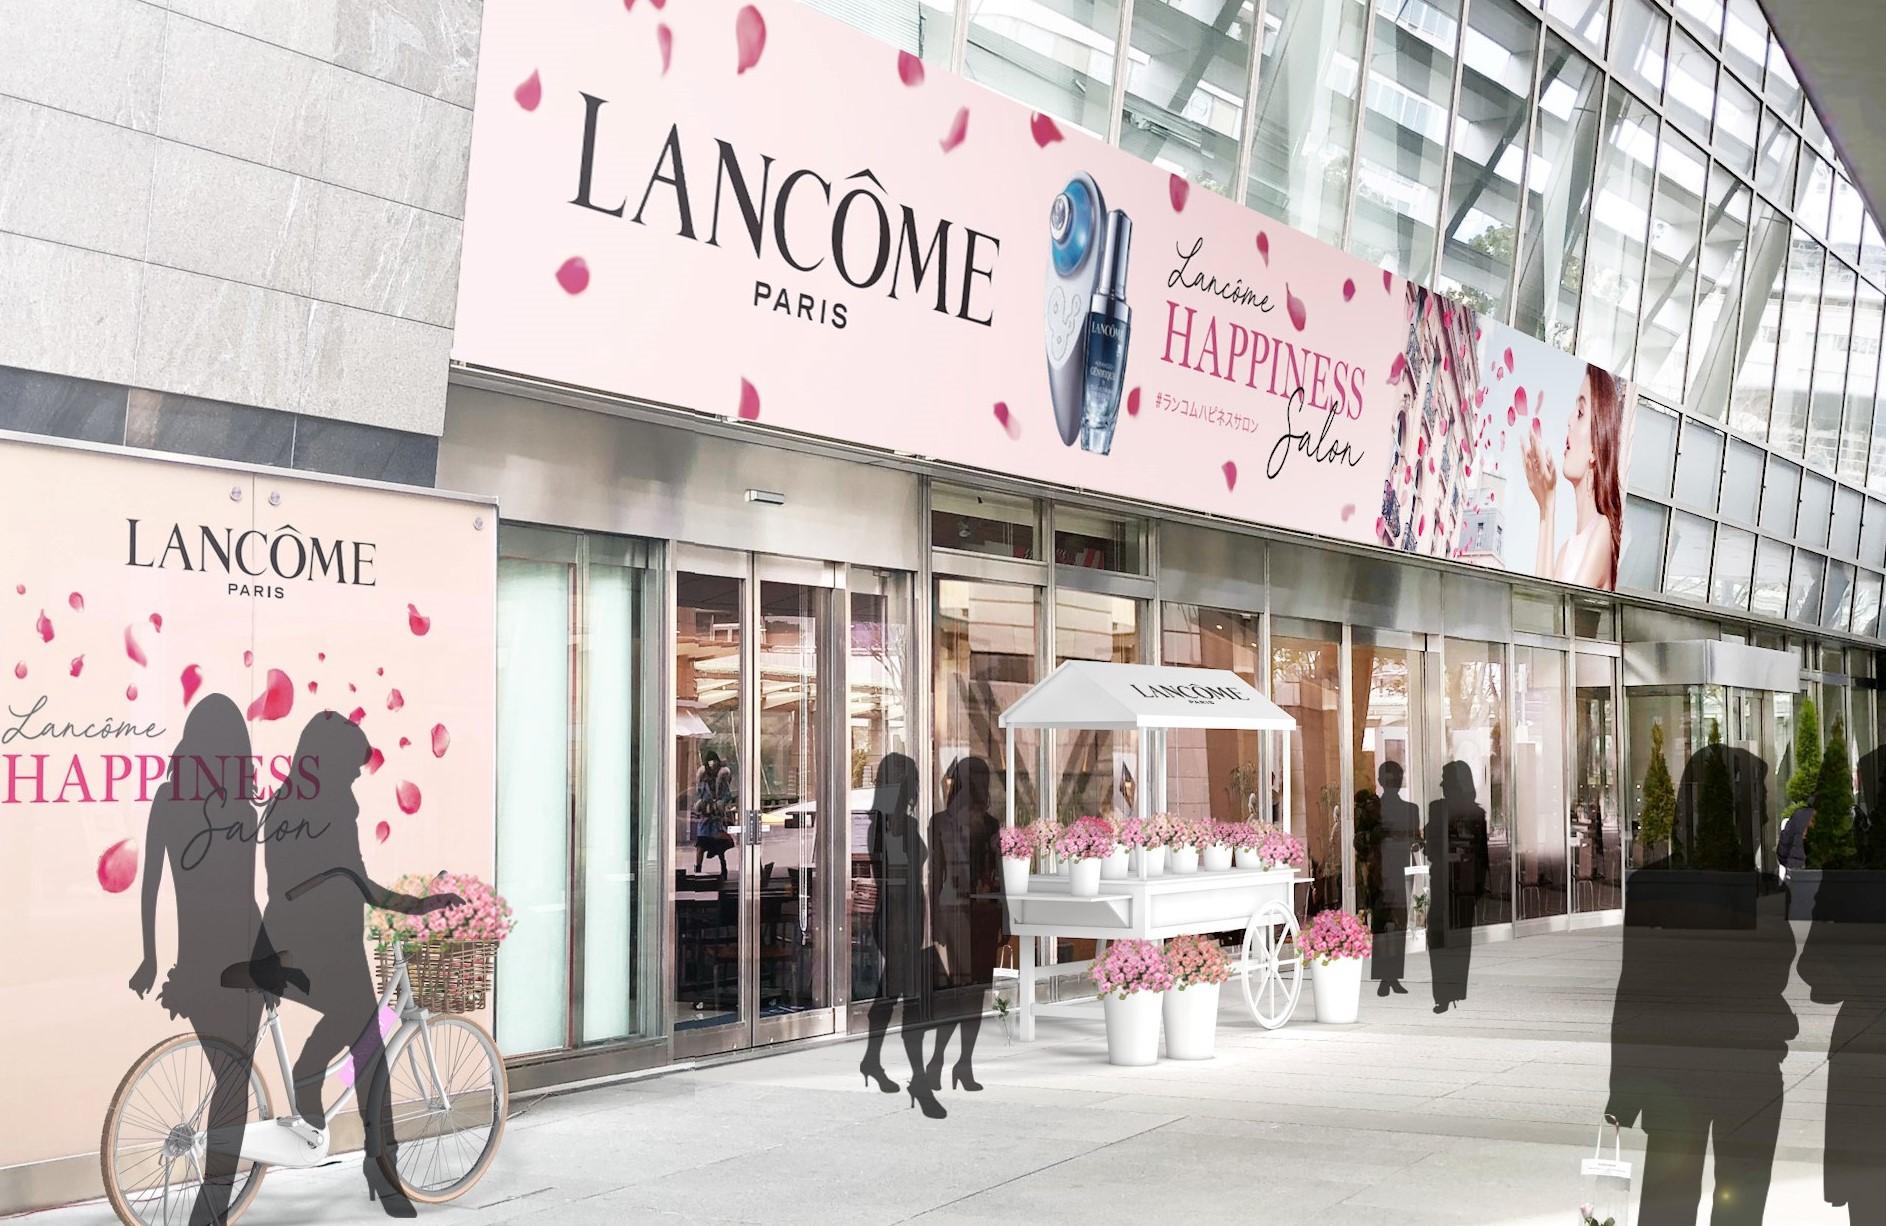 限定イベント「ランコム ハピネス サロン」は、ローズが舞う華やかな空間♡ 人気美容液  「ジェニフィック アドバンスト」が1年分当たるチャンスも!_1